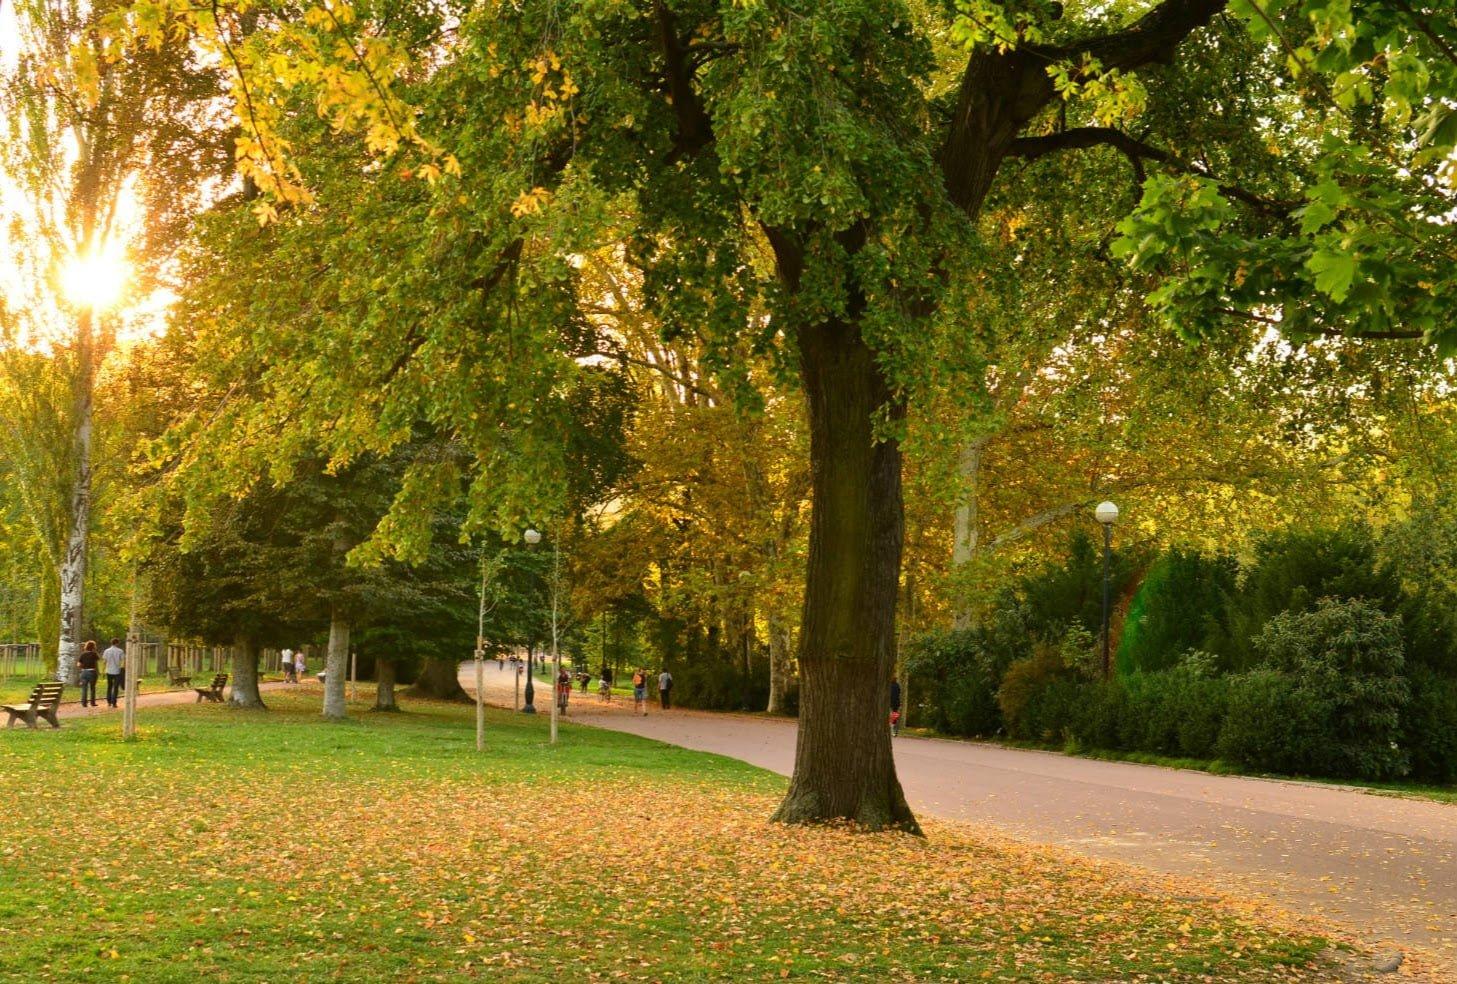 Allée du parc de la tête d'or, Lyon